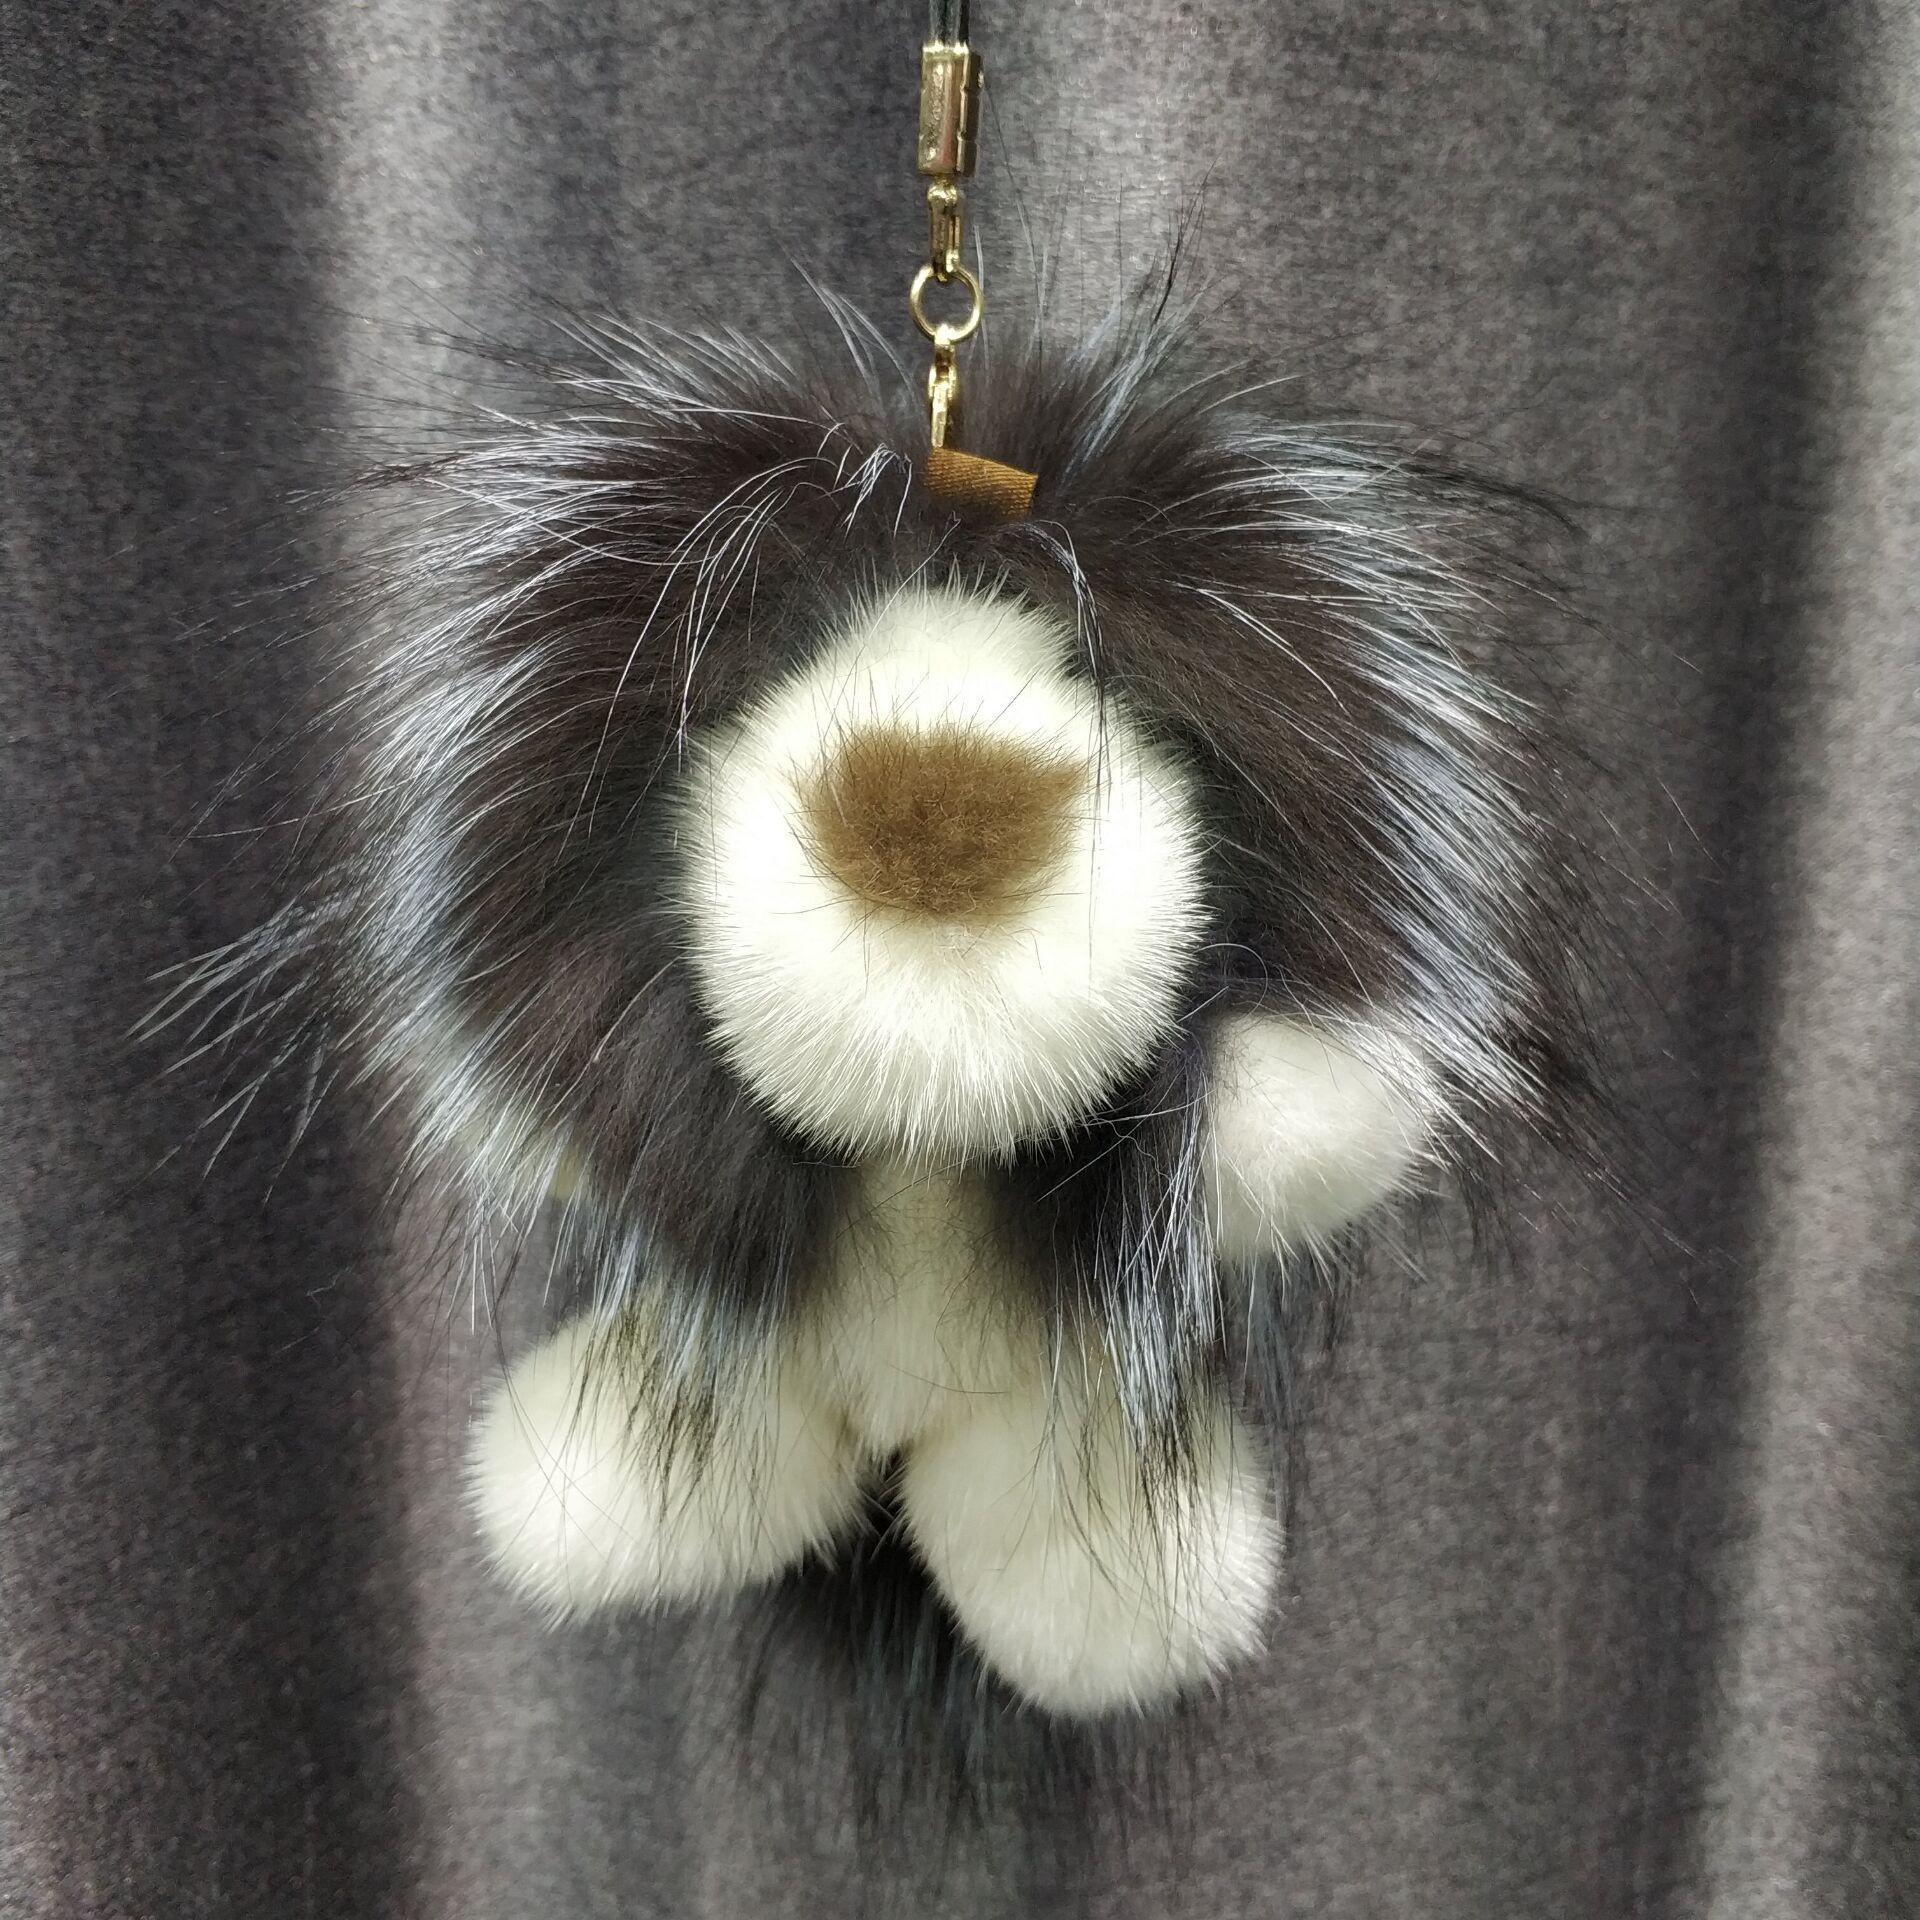 2019 Lion jouet poupée porte-clés réel vison raton laveur fourrure charme sac porte-clés porte-clés pendentif cadeau breloques